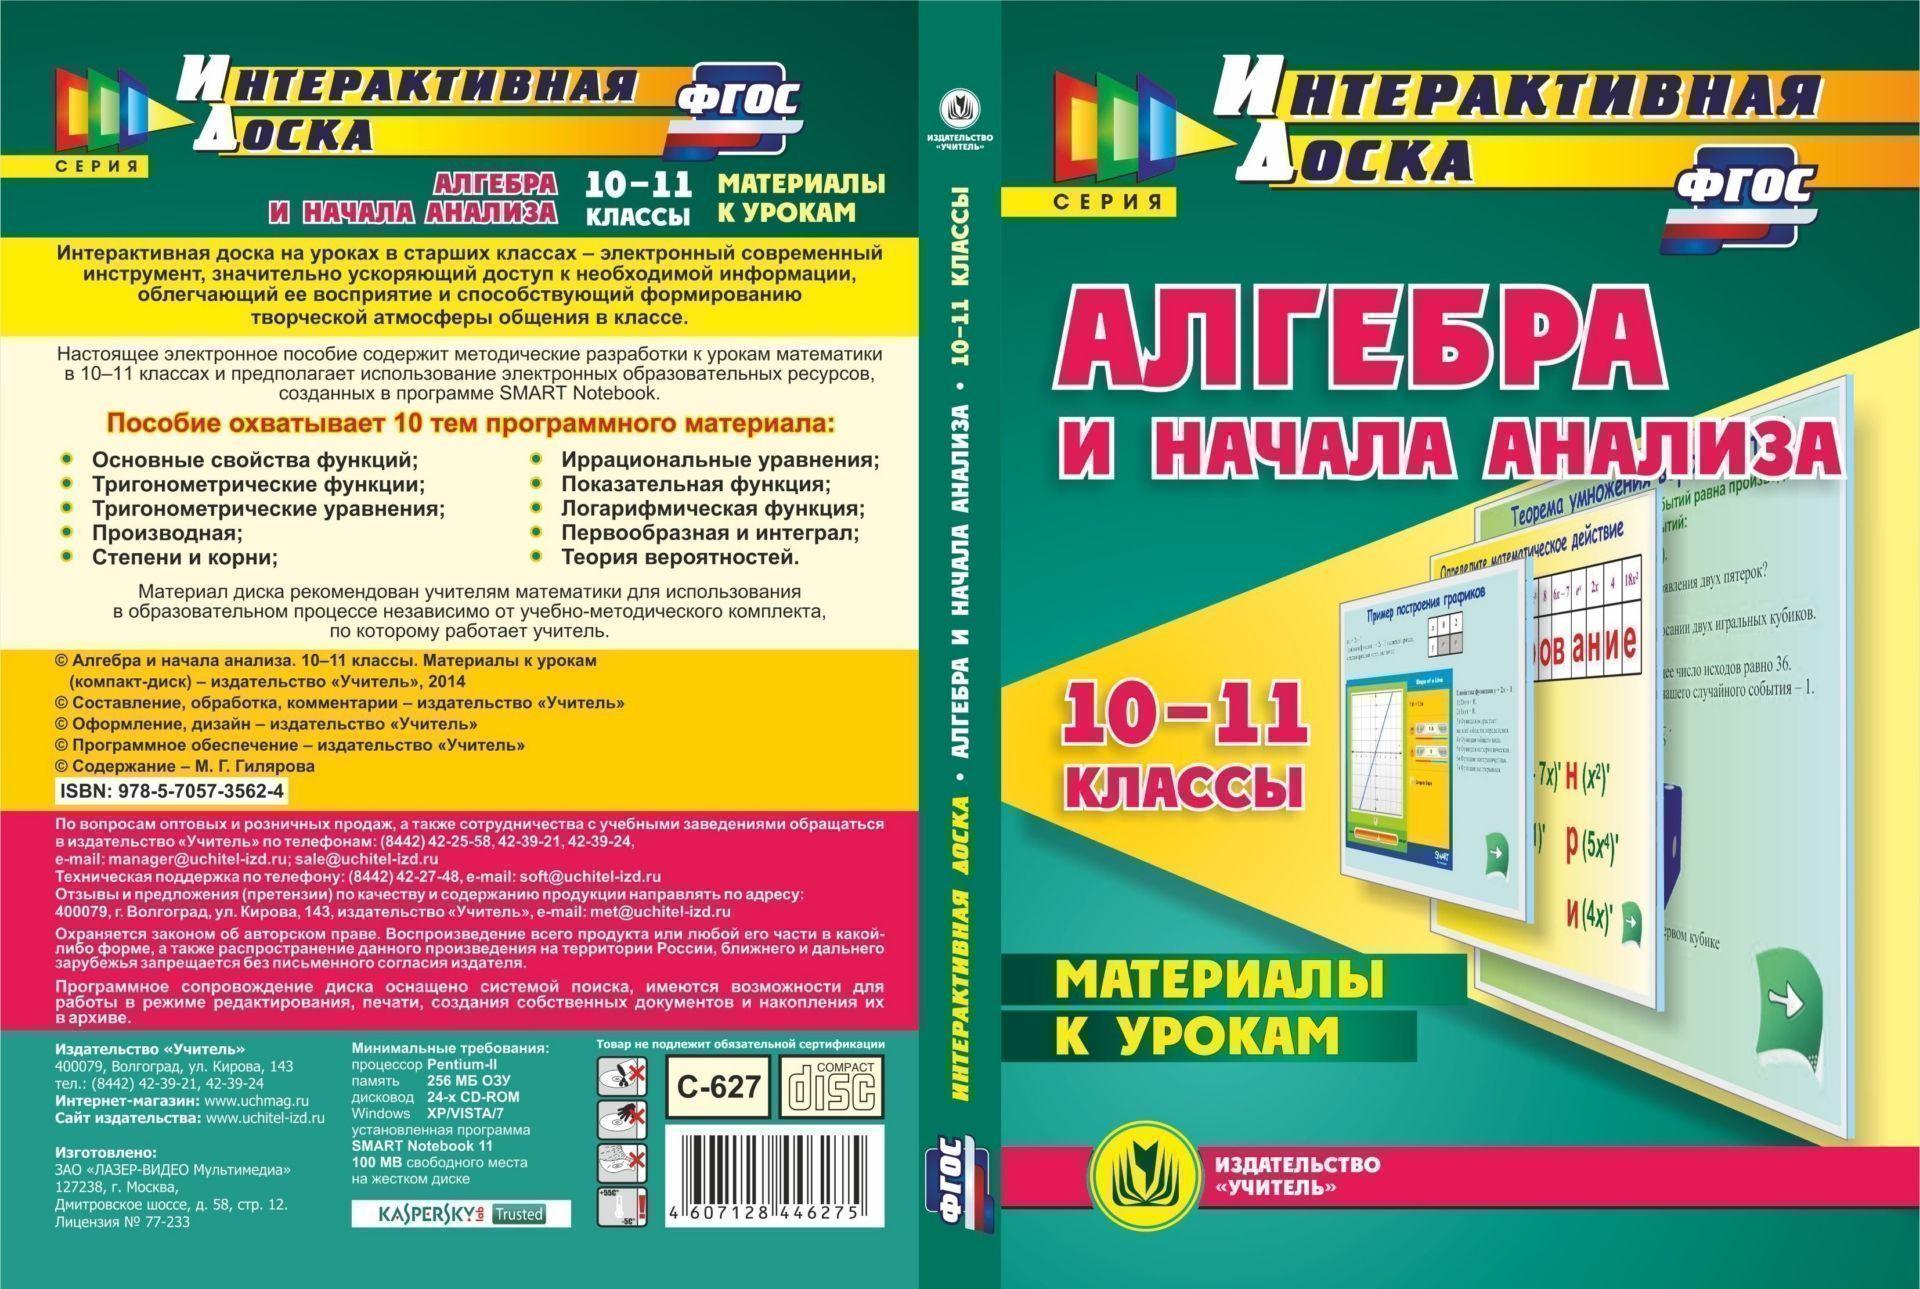 Алгебра и начала анализа. 10-11 классы. Материалы к урокам. Программа для установки через Интернет